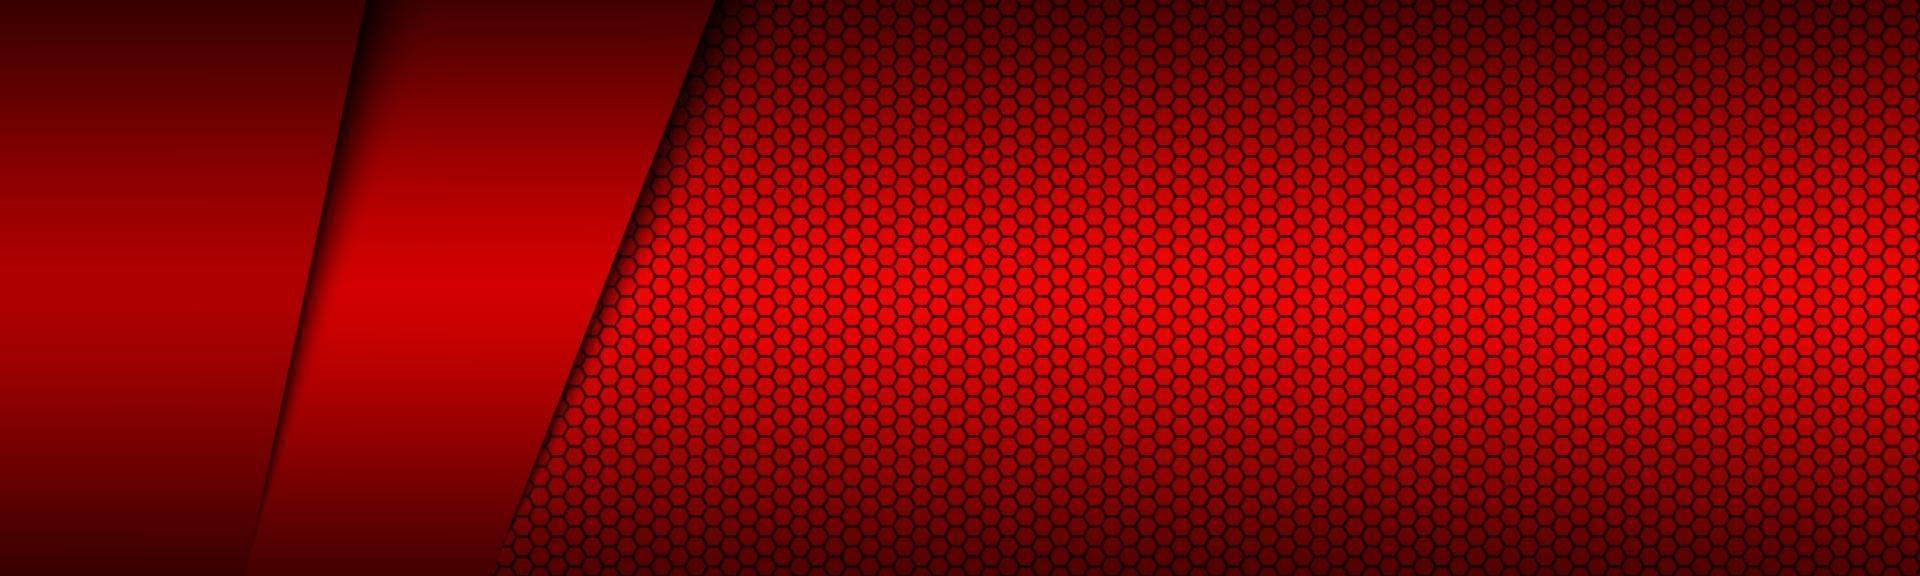 rode moderne materiaalkop met polygoal raster. corporate banner voor uw bedrijf. vector abstracte breedbeeld achtergrond